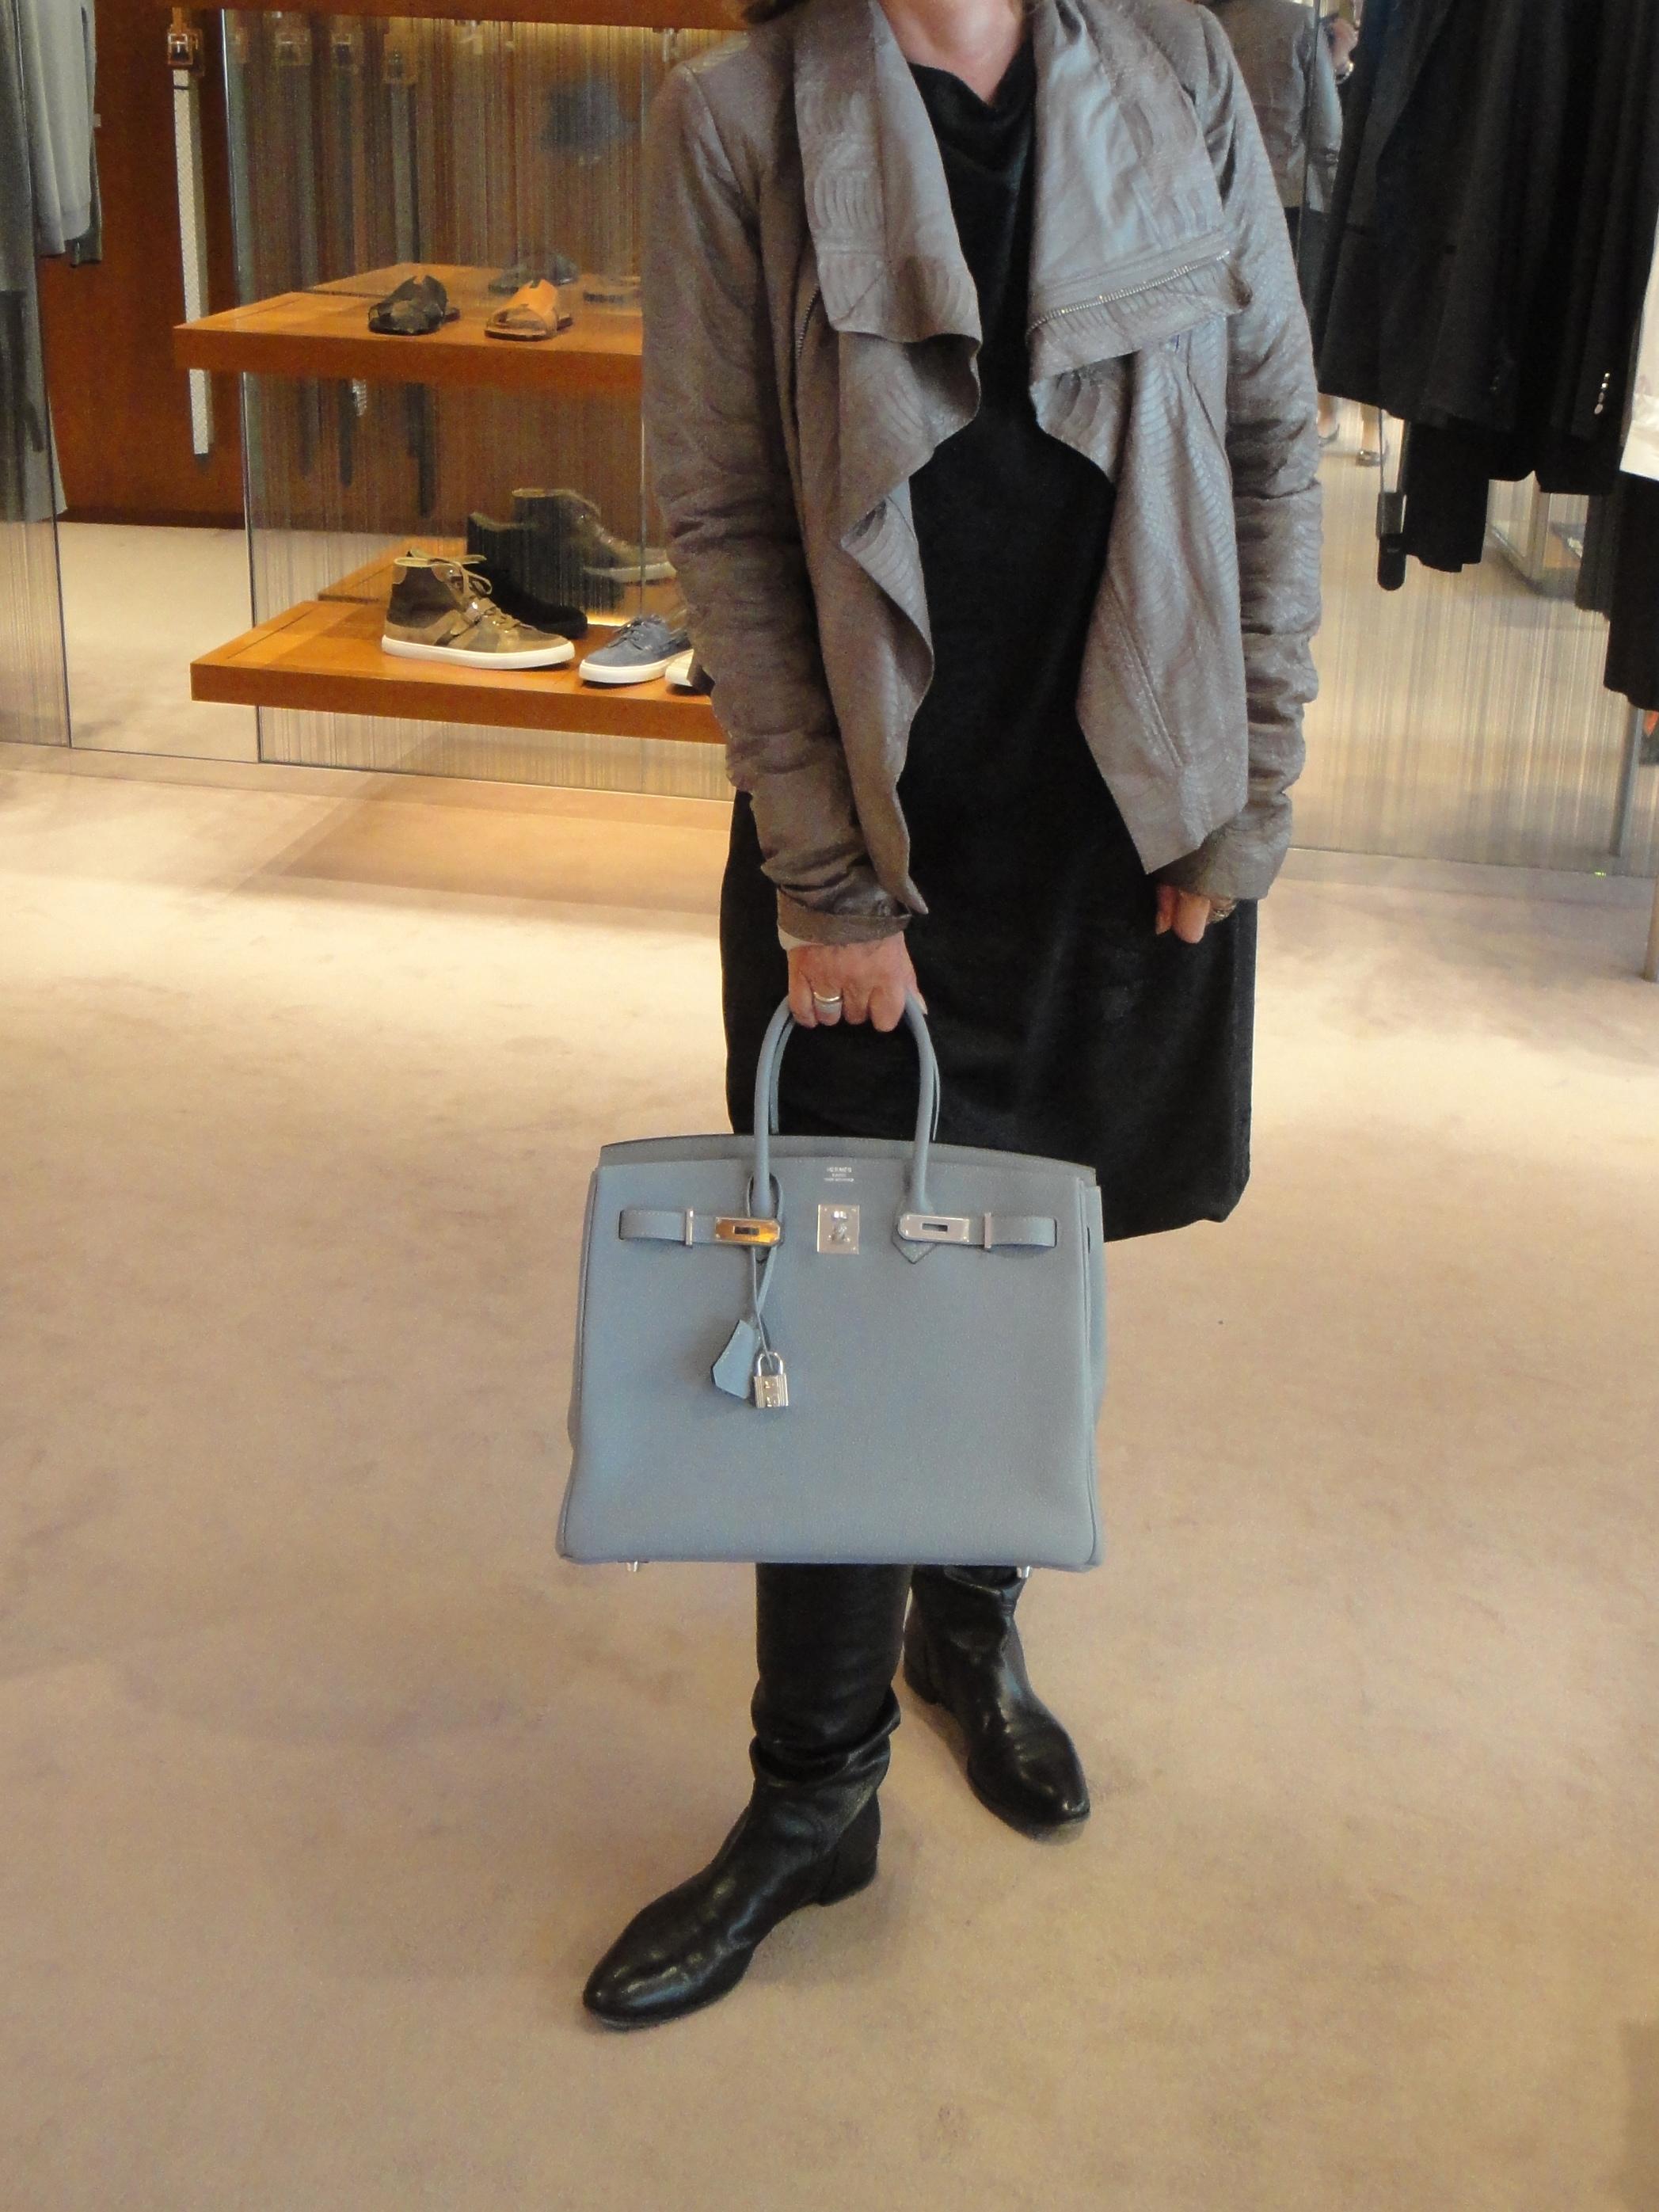 9238e1377 Bag New Tasche 2 My Friend's Meiner Neue Hermès Die IYbf7vy6g